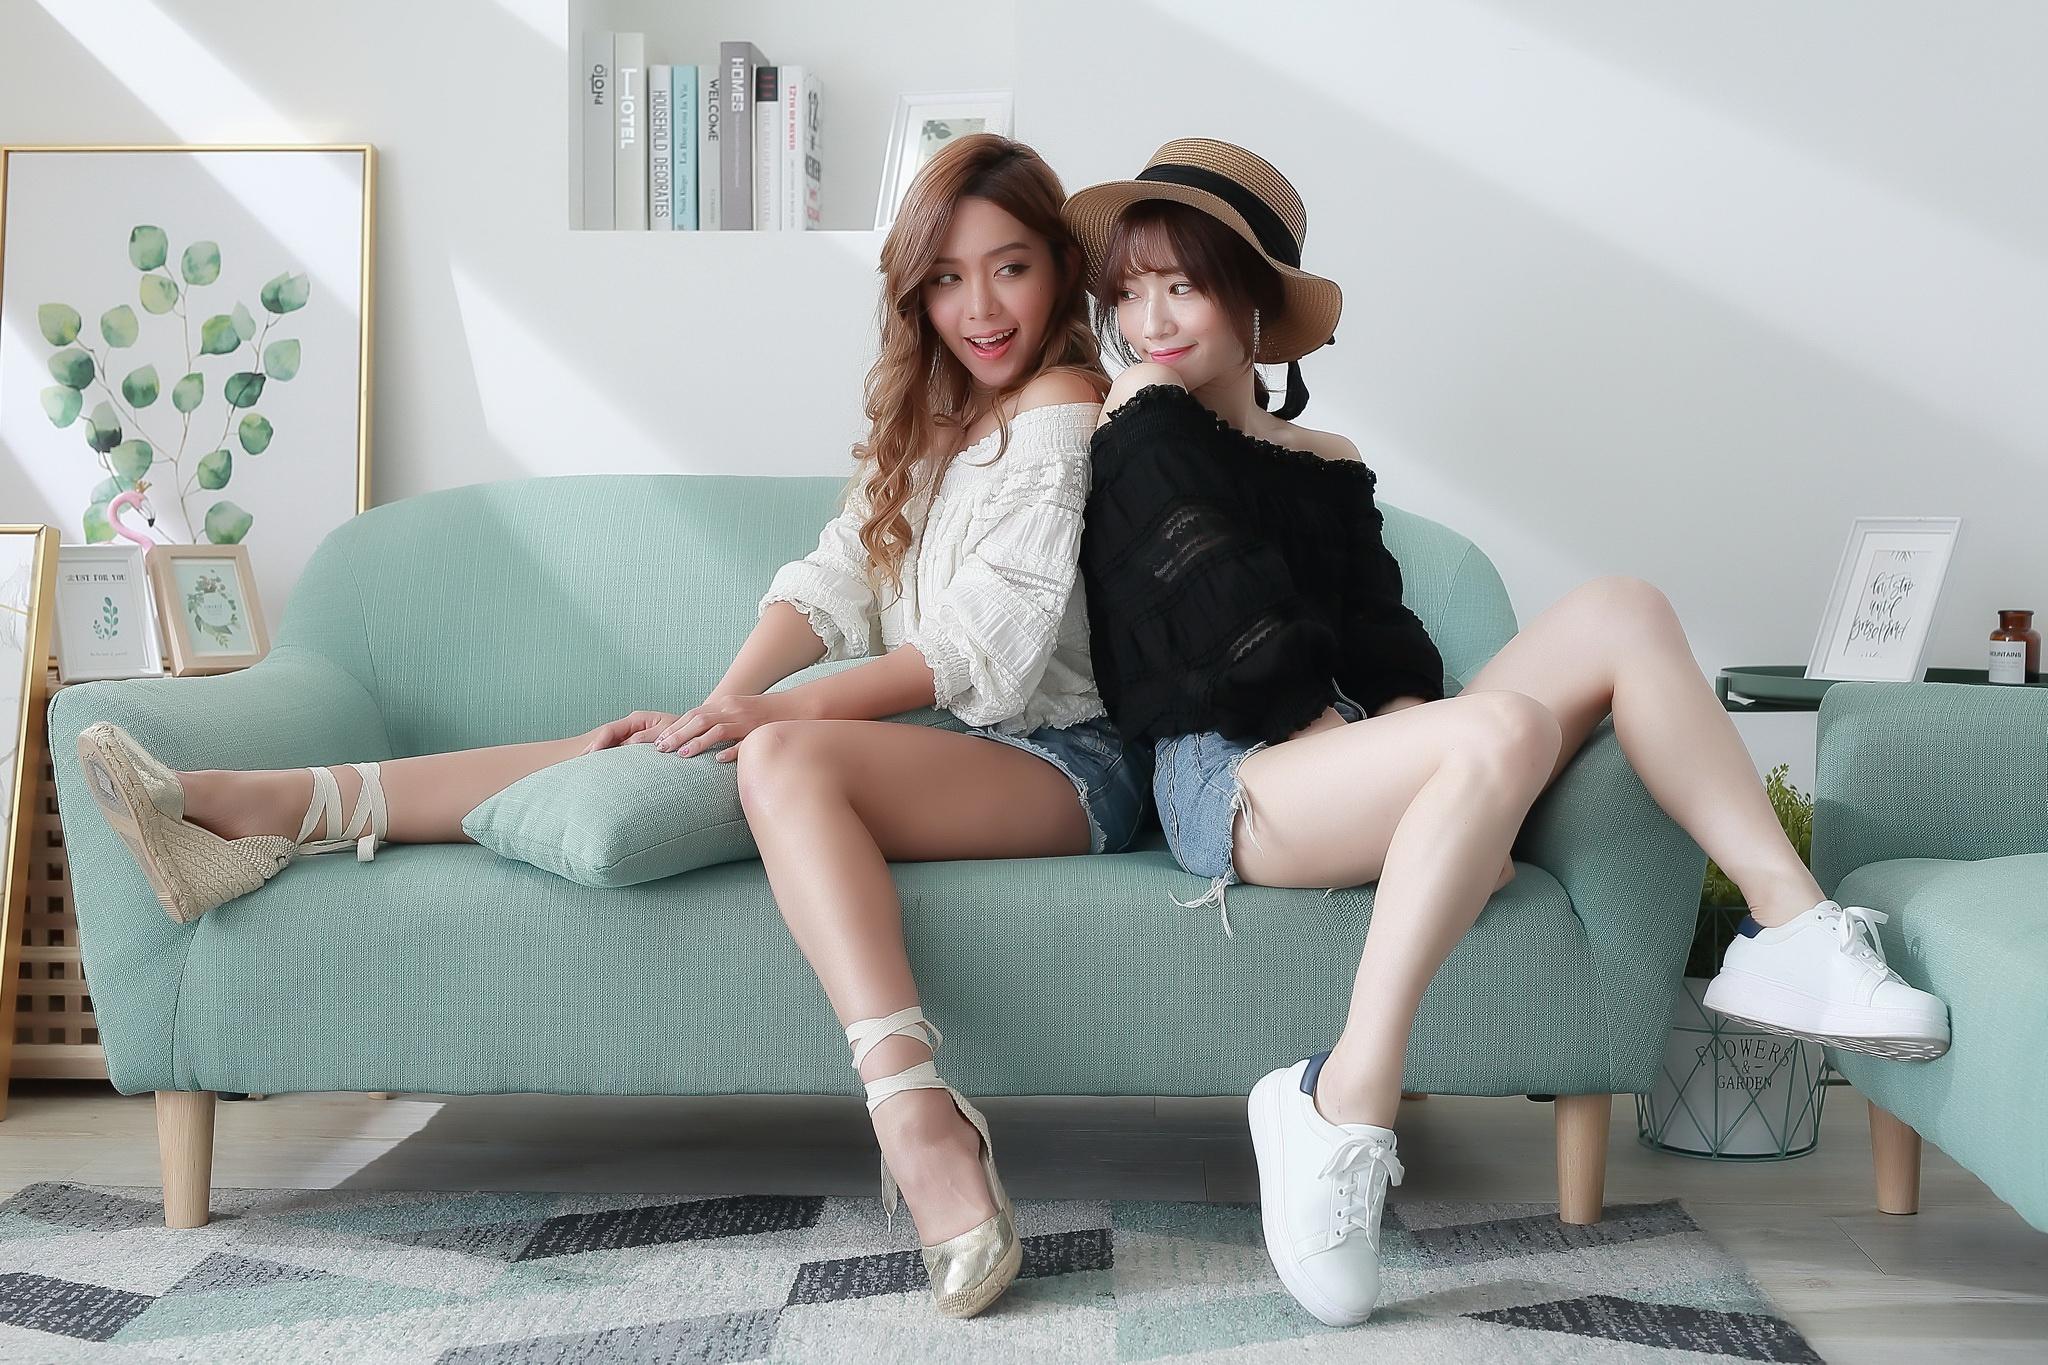 Asian Brunette Girl Hat Model Smile Sofa Woman 2048x1365